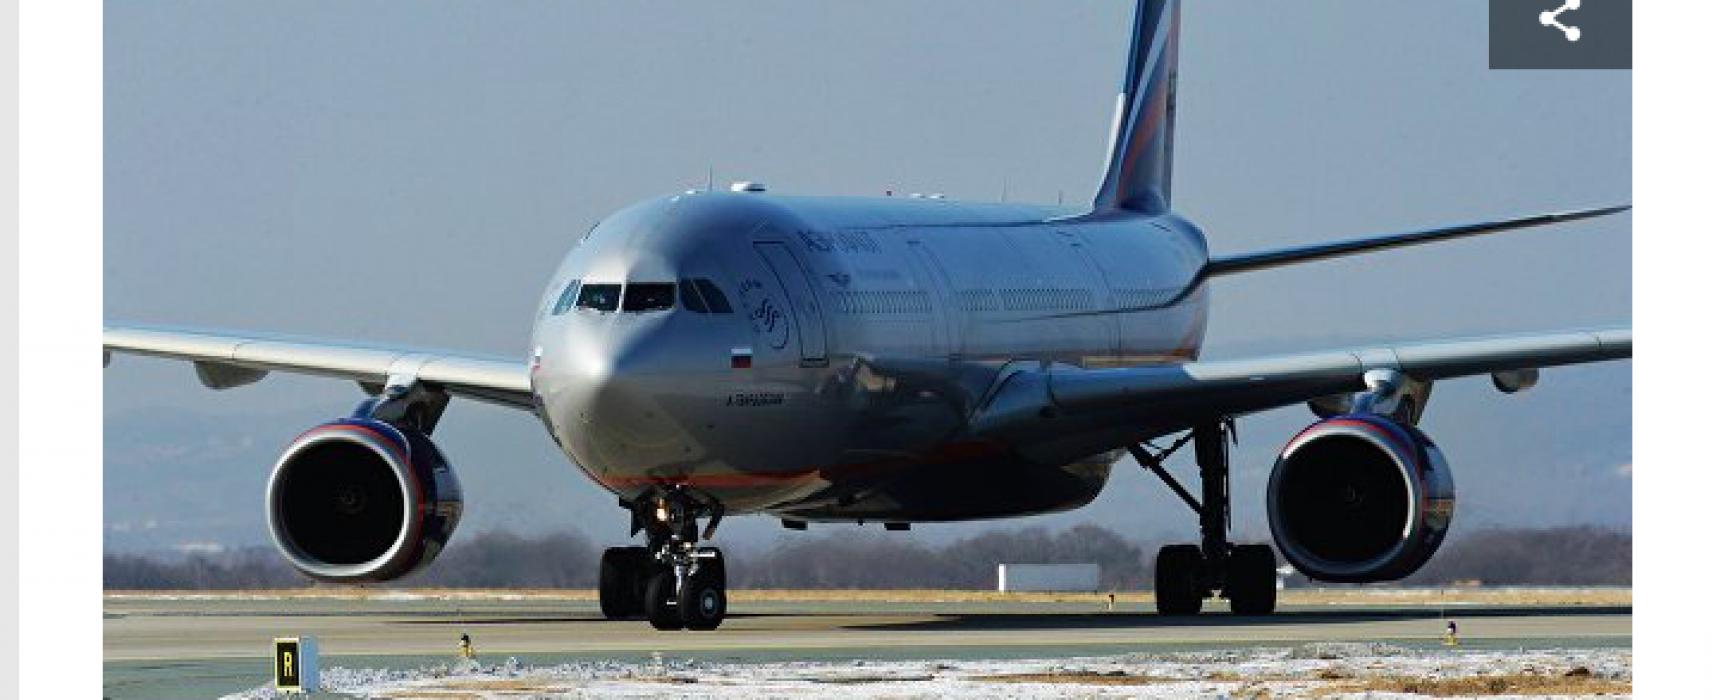 Фейк: В Лондоне извинились за досмотр самолета компании «Аэрофлот»